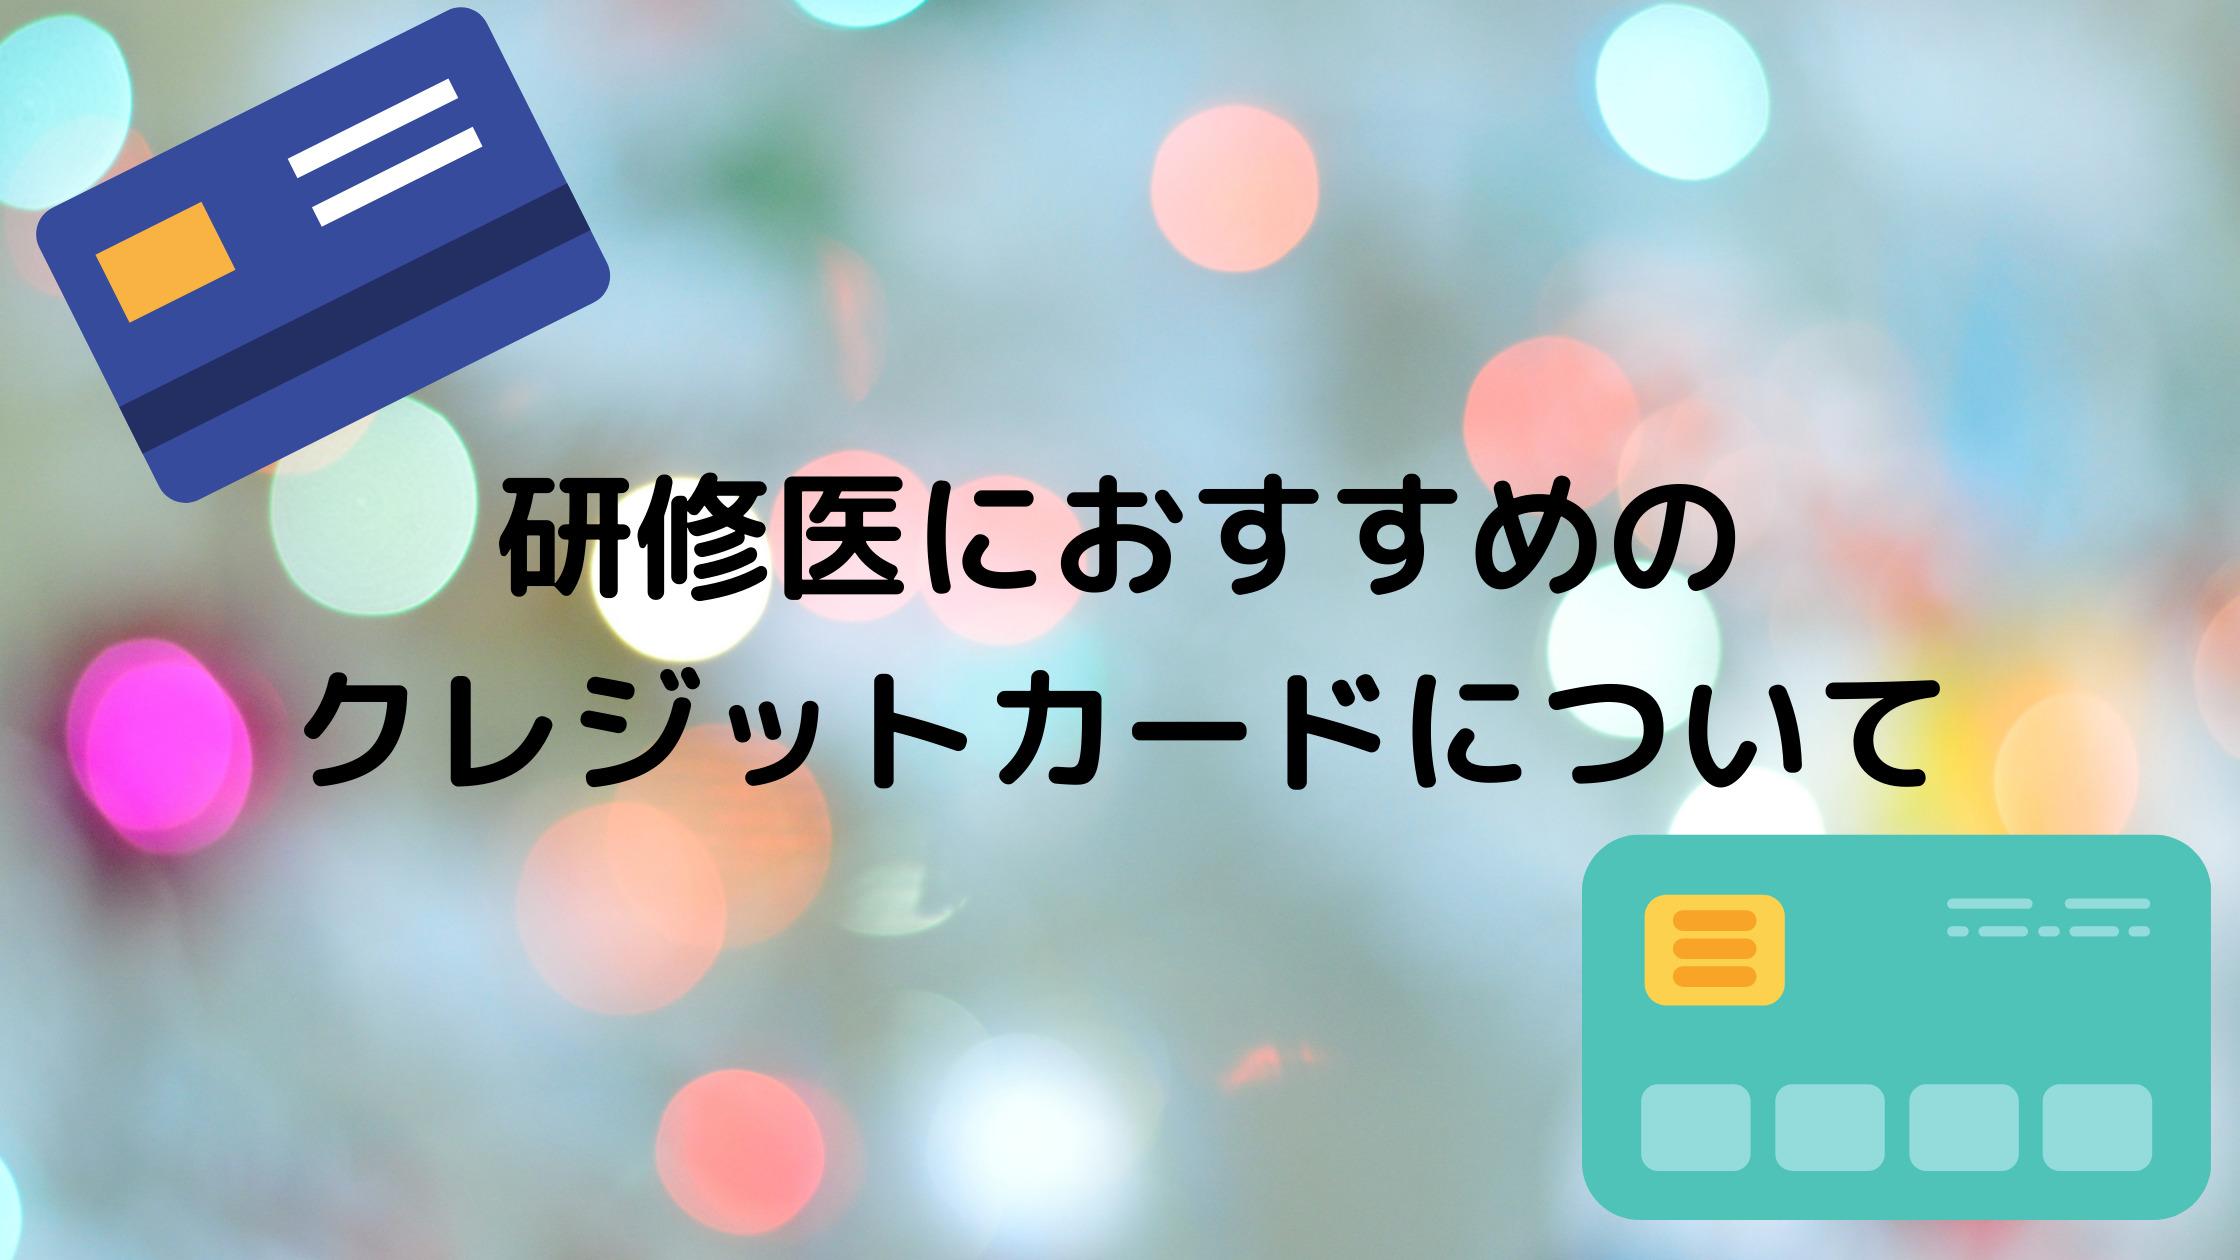 研修医におすすめのクレジットカード紹介のアイキャッチ画像